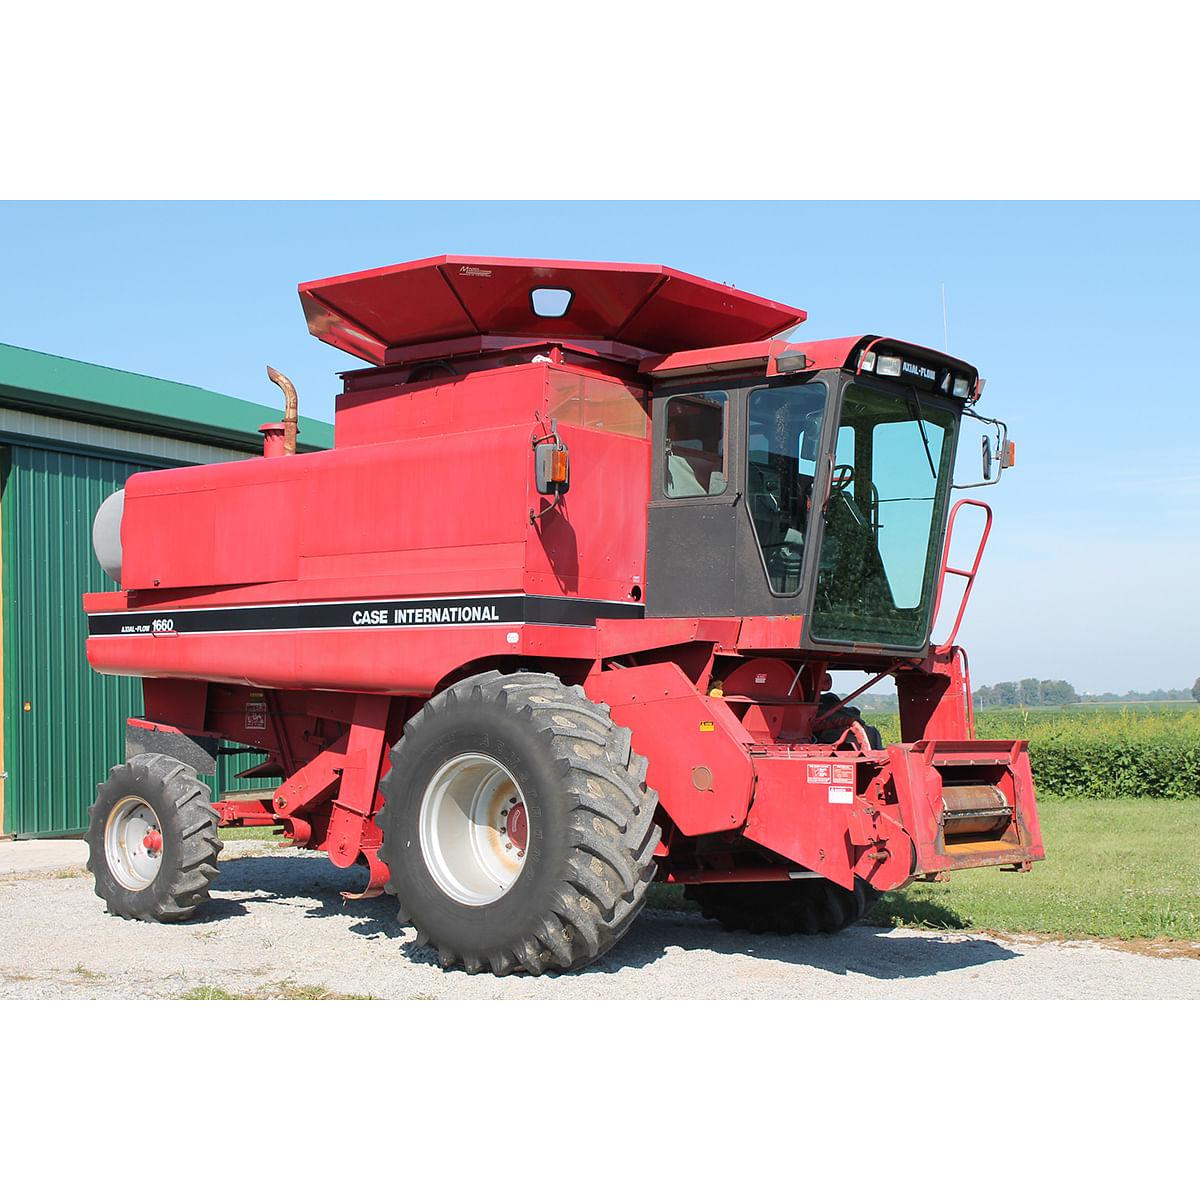 Cowman Farm Equipment Auction   The Wendt Group, Inc    Land